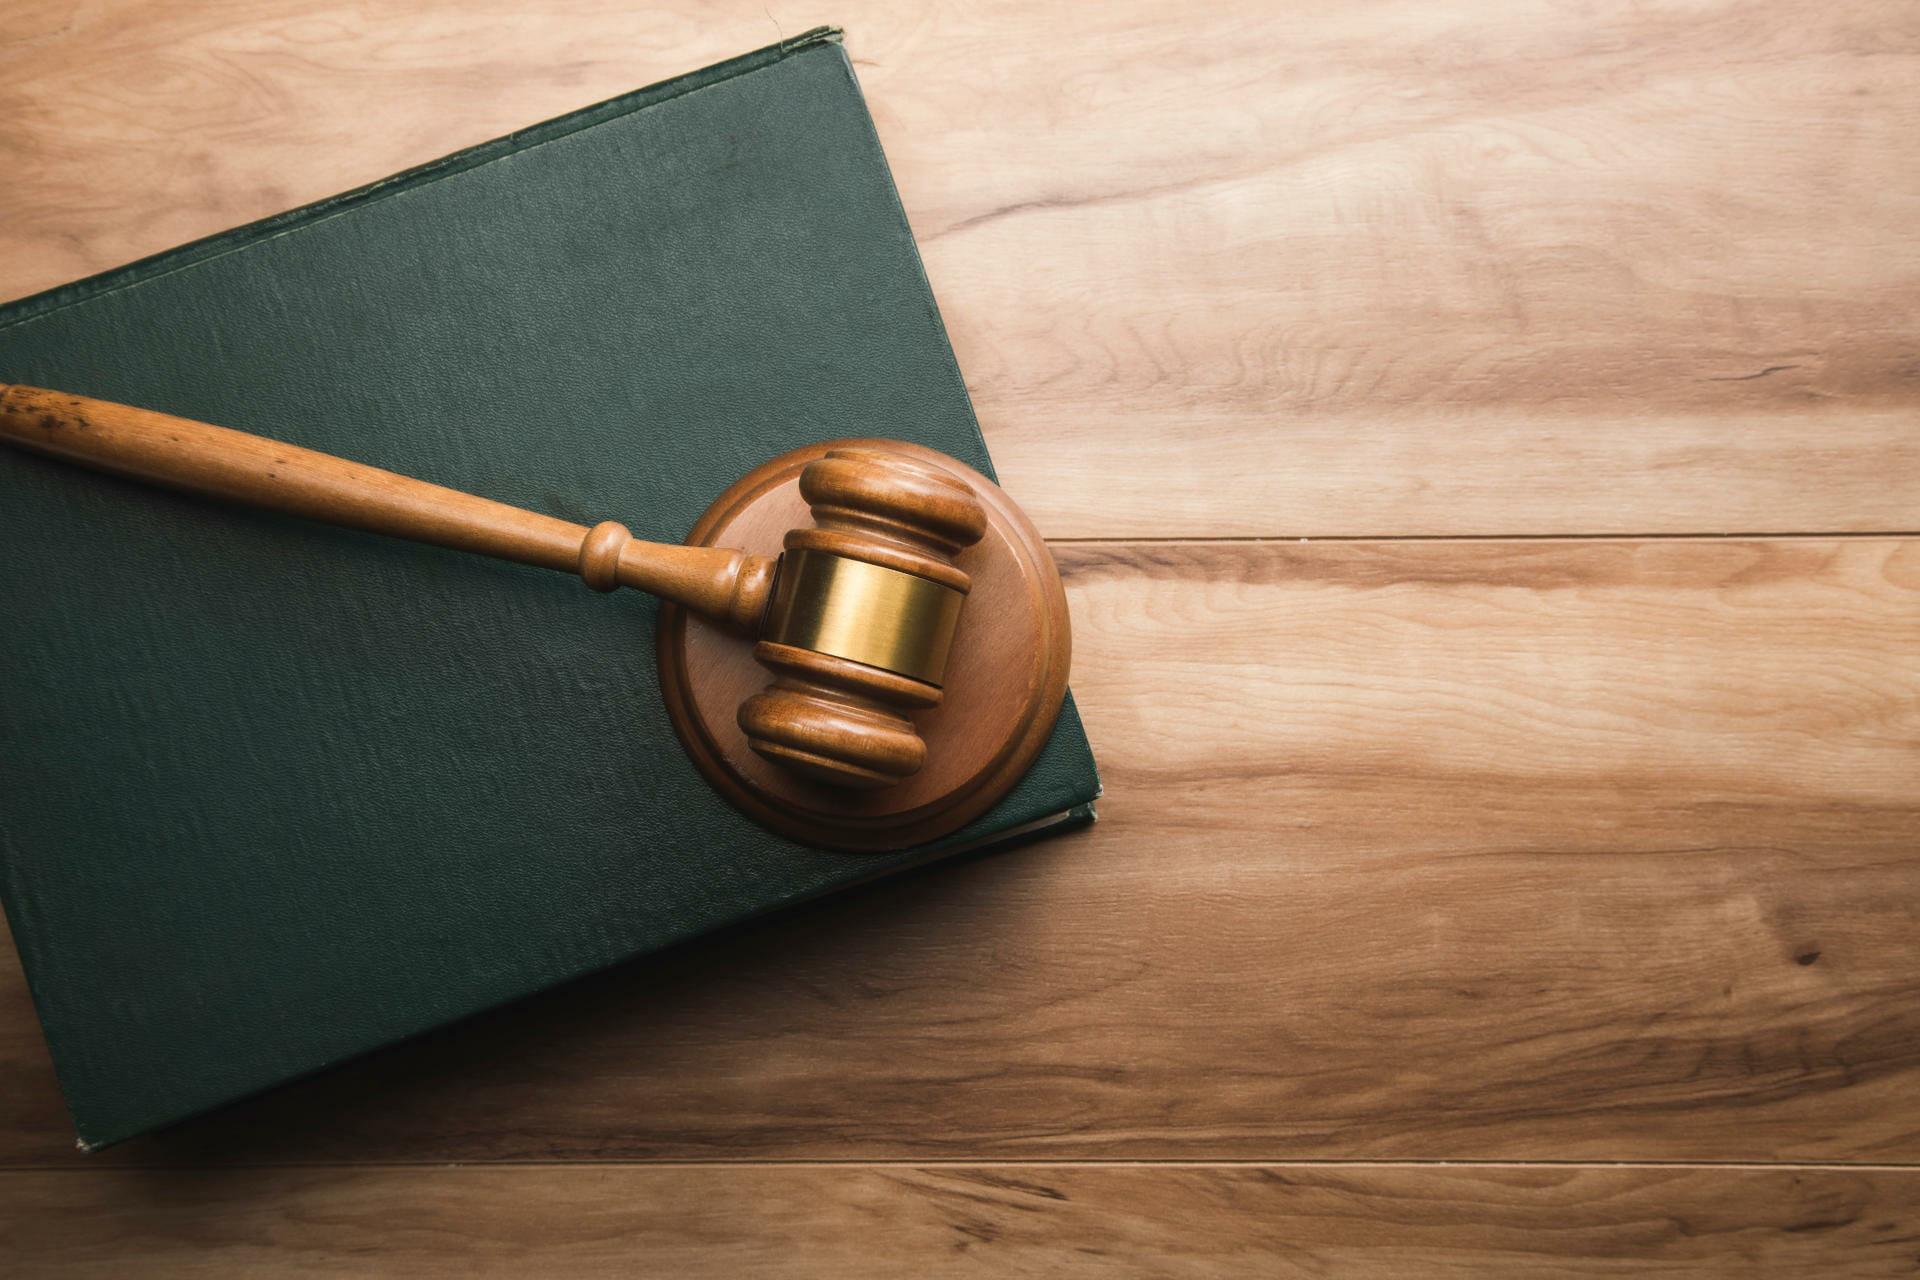 Rozprawa sądowa jak wygląda i ile trwa